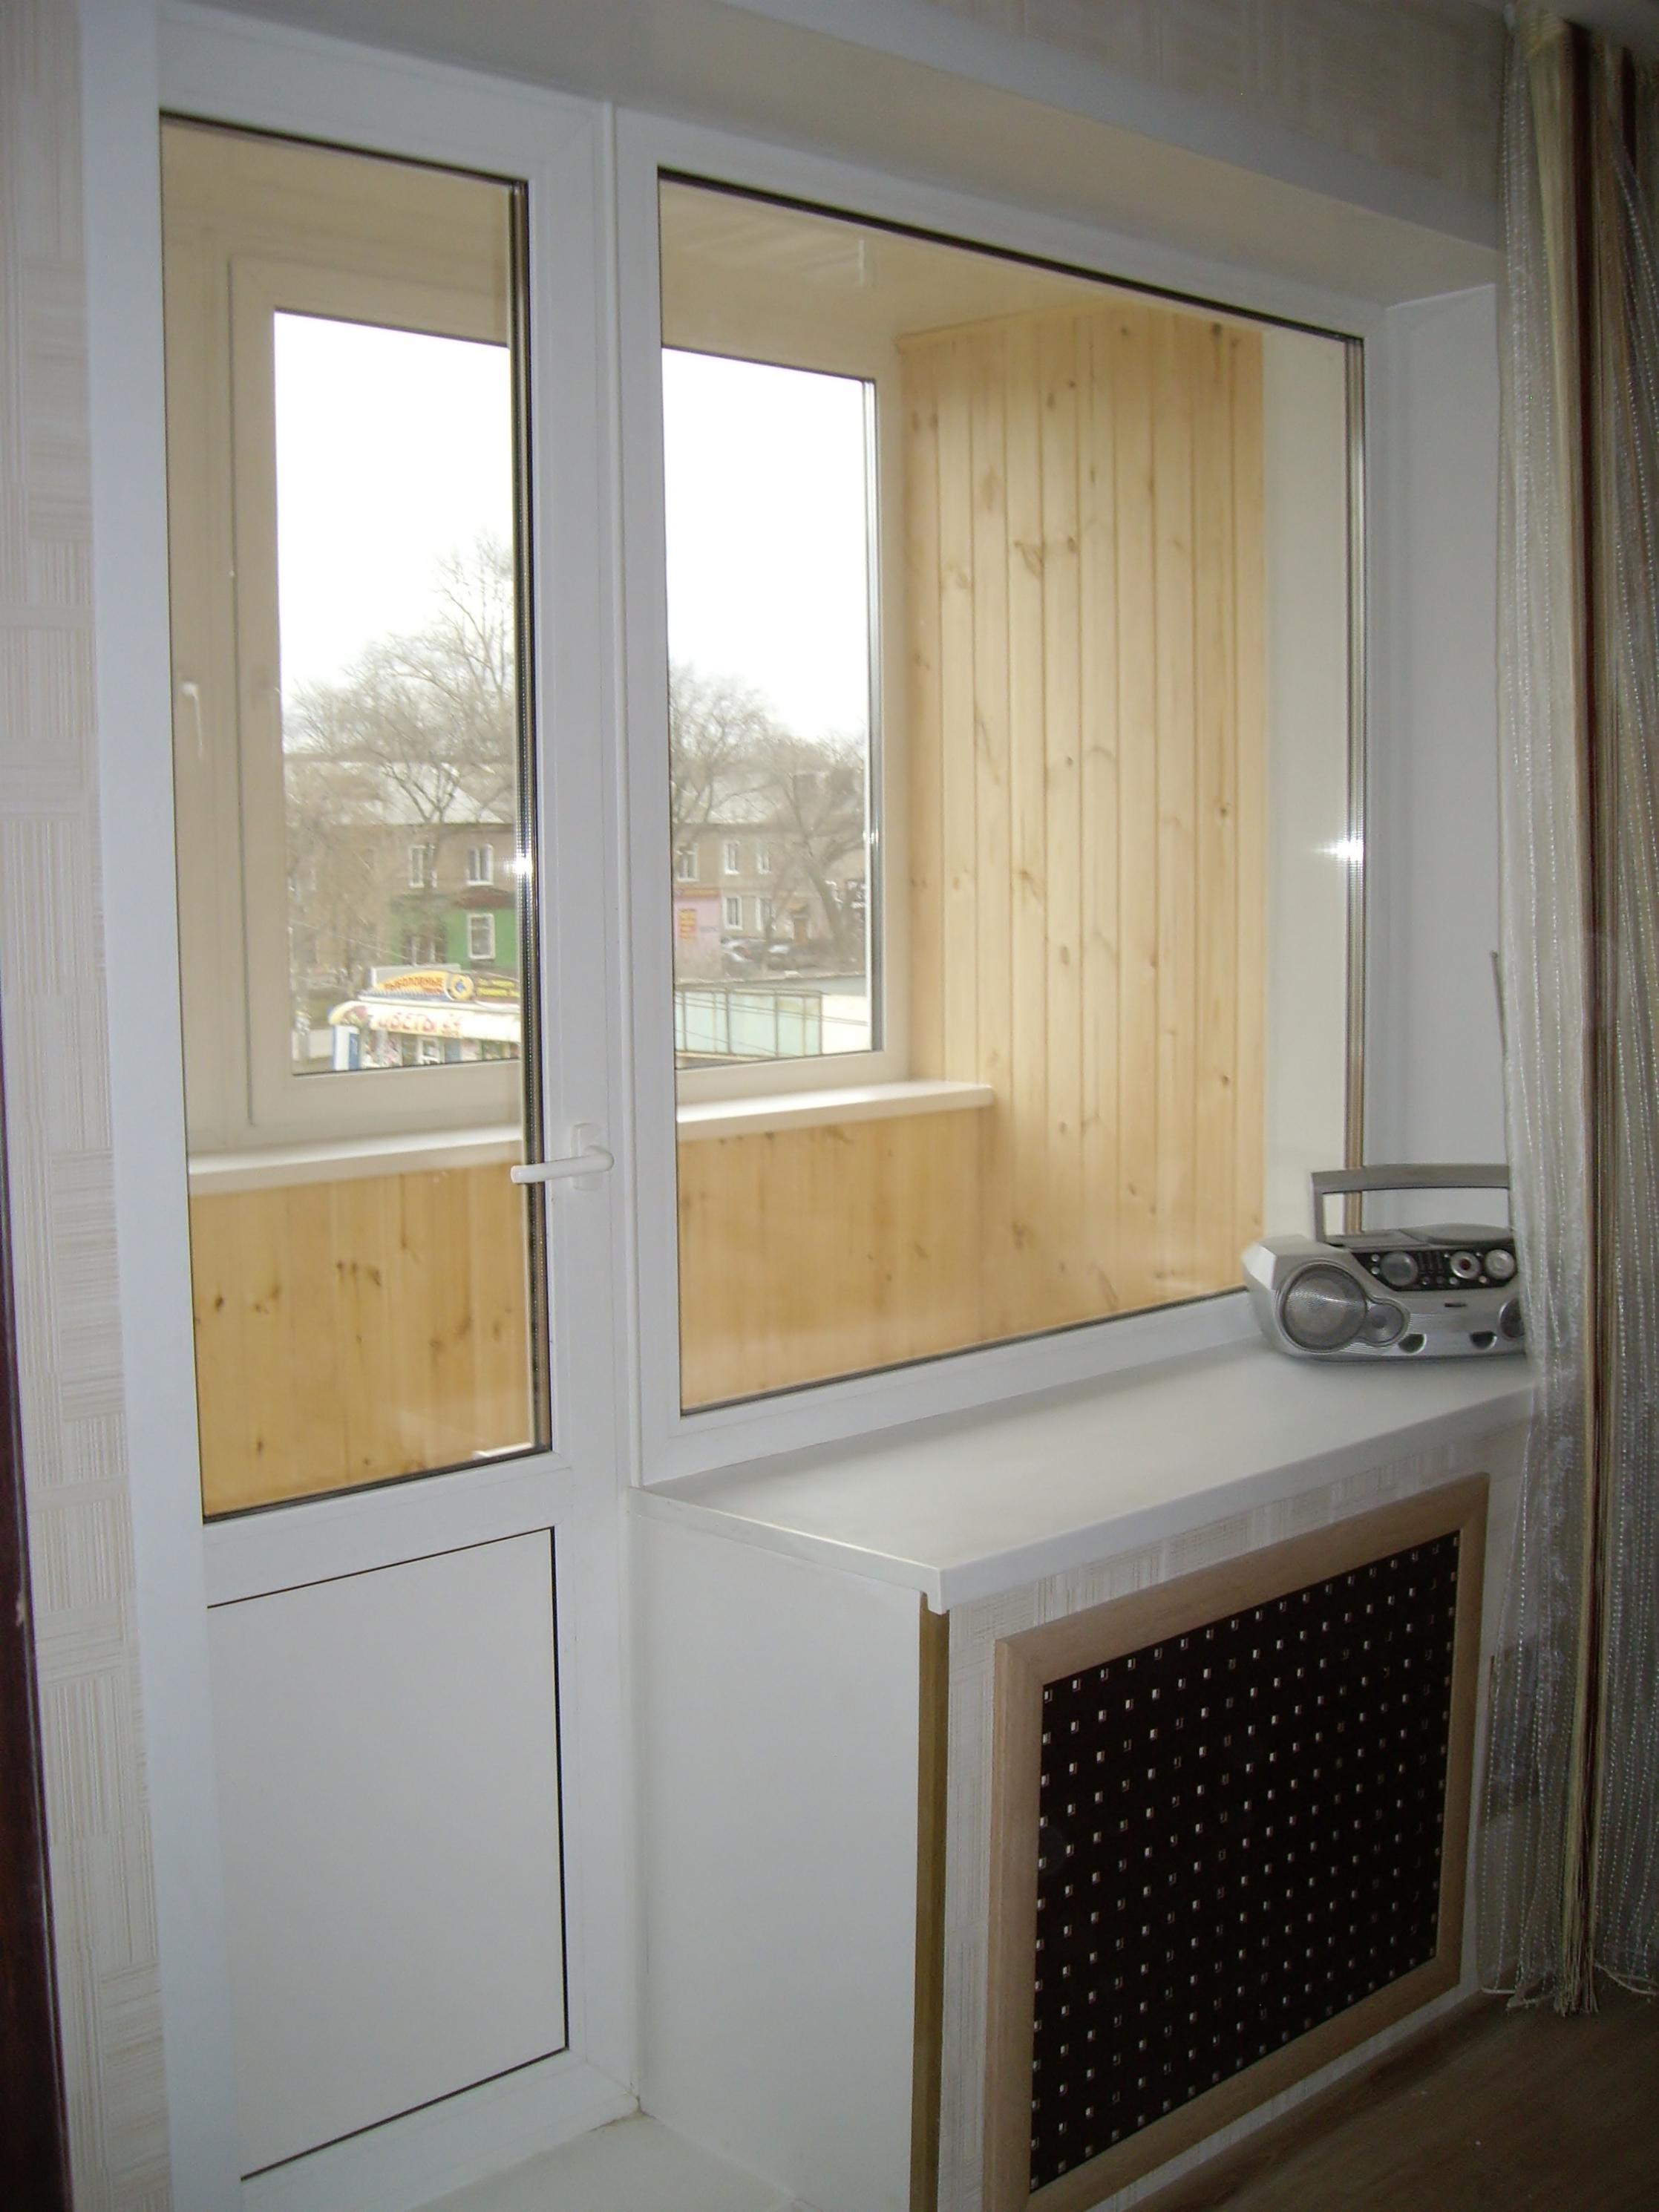 Отделка окон - фотогалерея - новые окна.